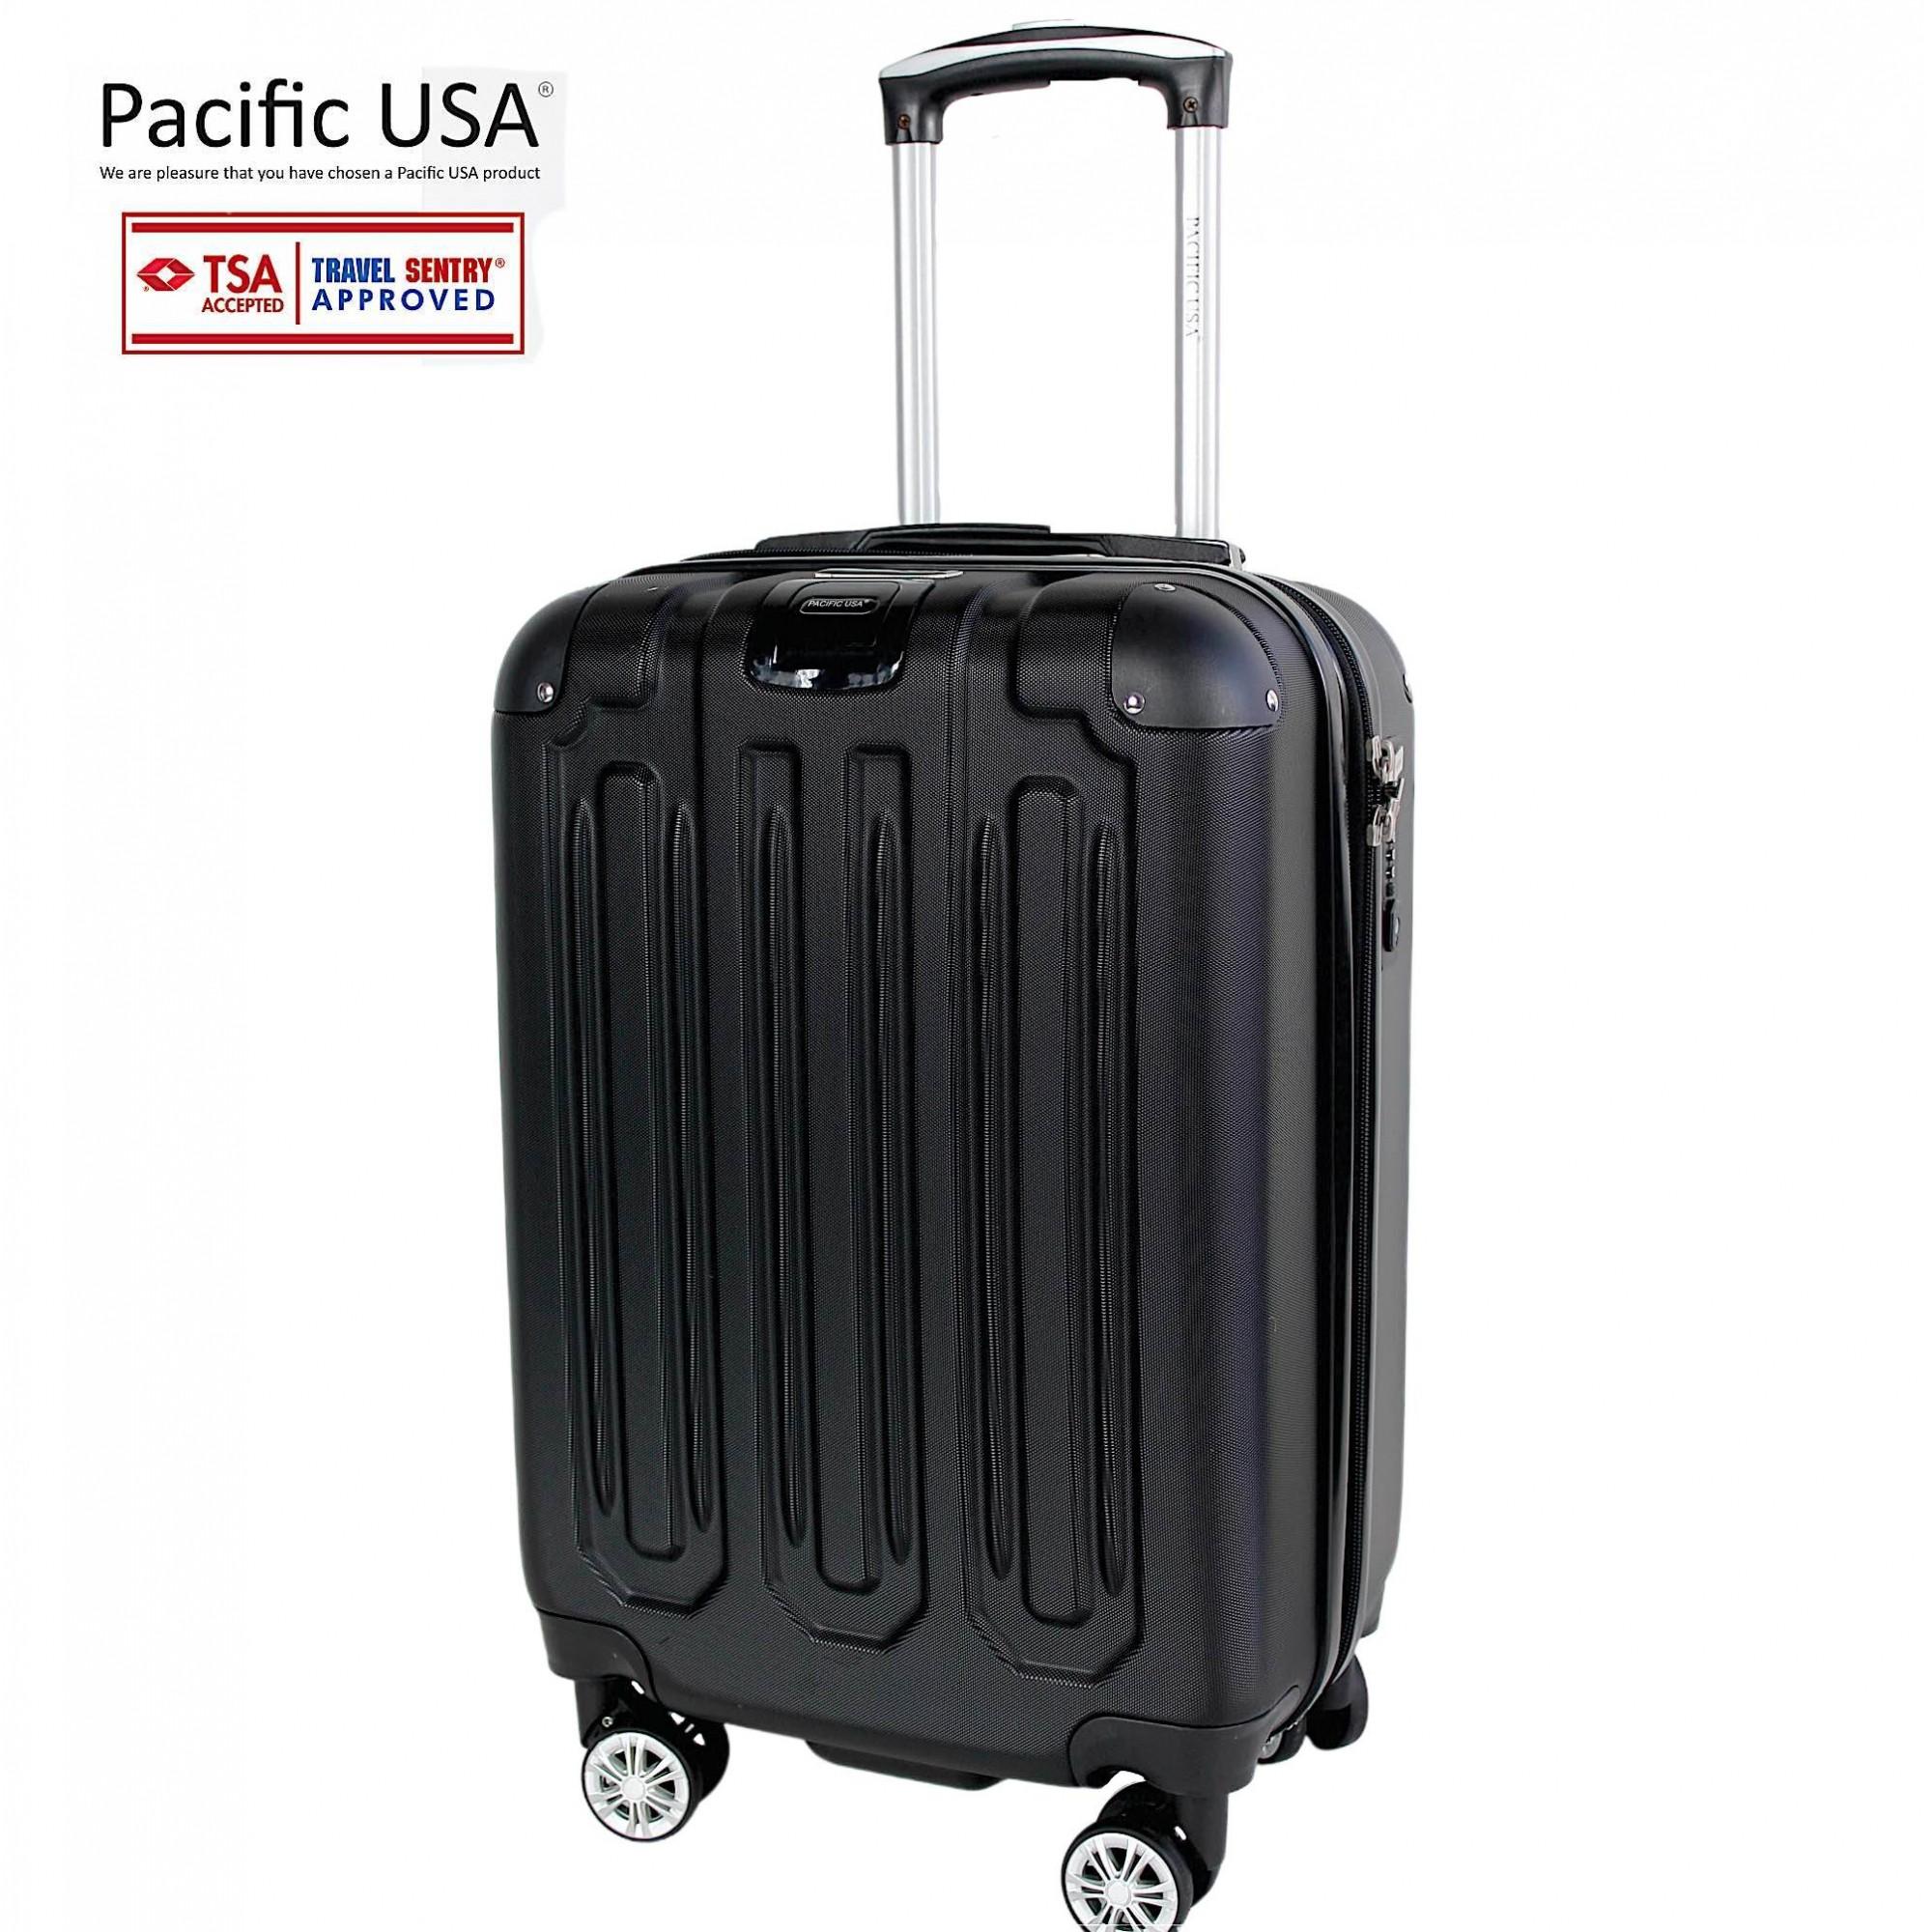 Mala Pequena - Pacific USA 8852